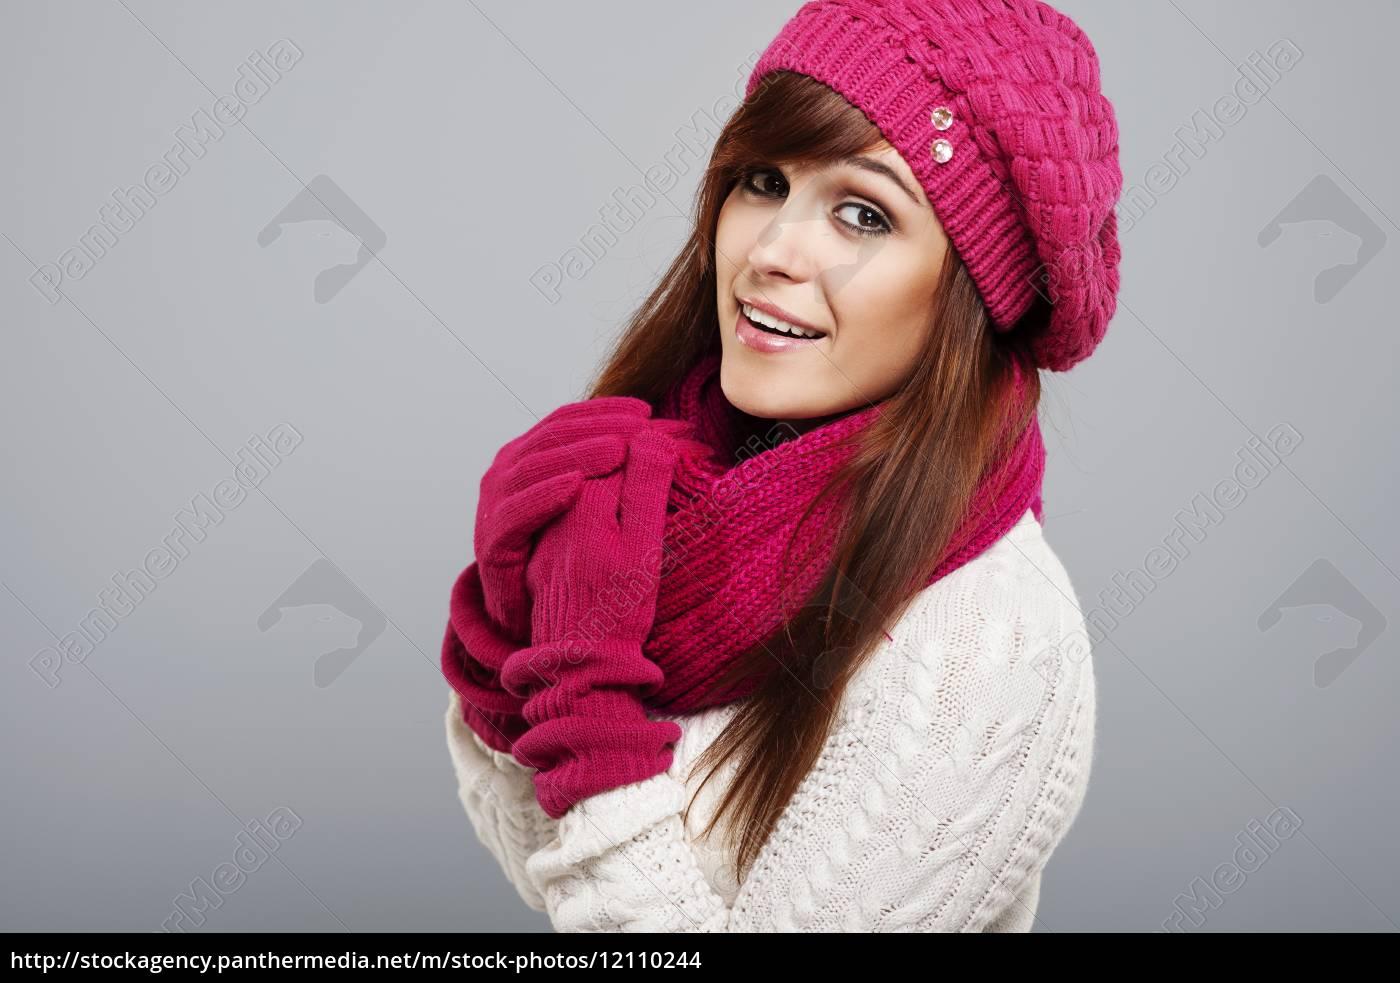 portrait, of, beautiful, woman, in, winter - 12110244